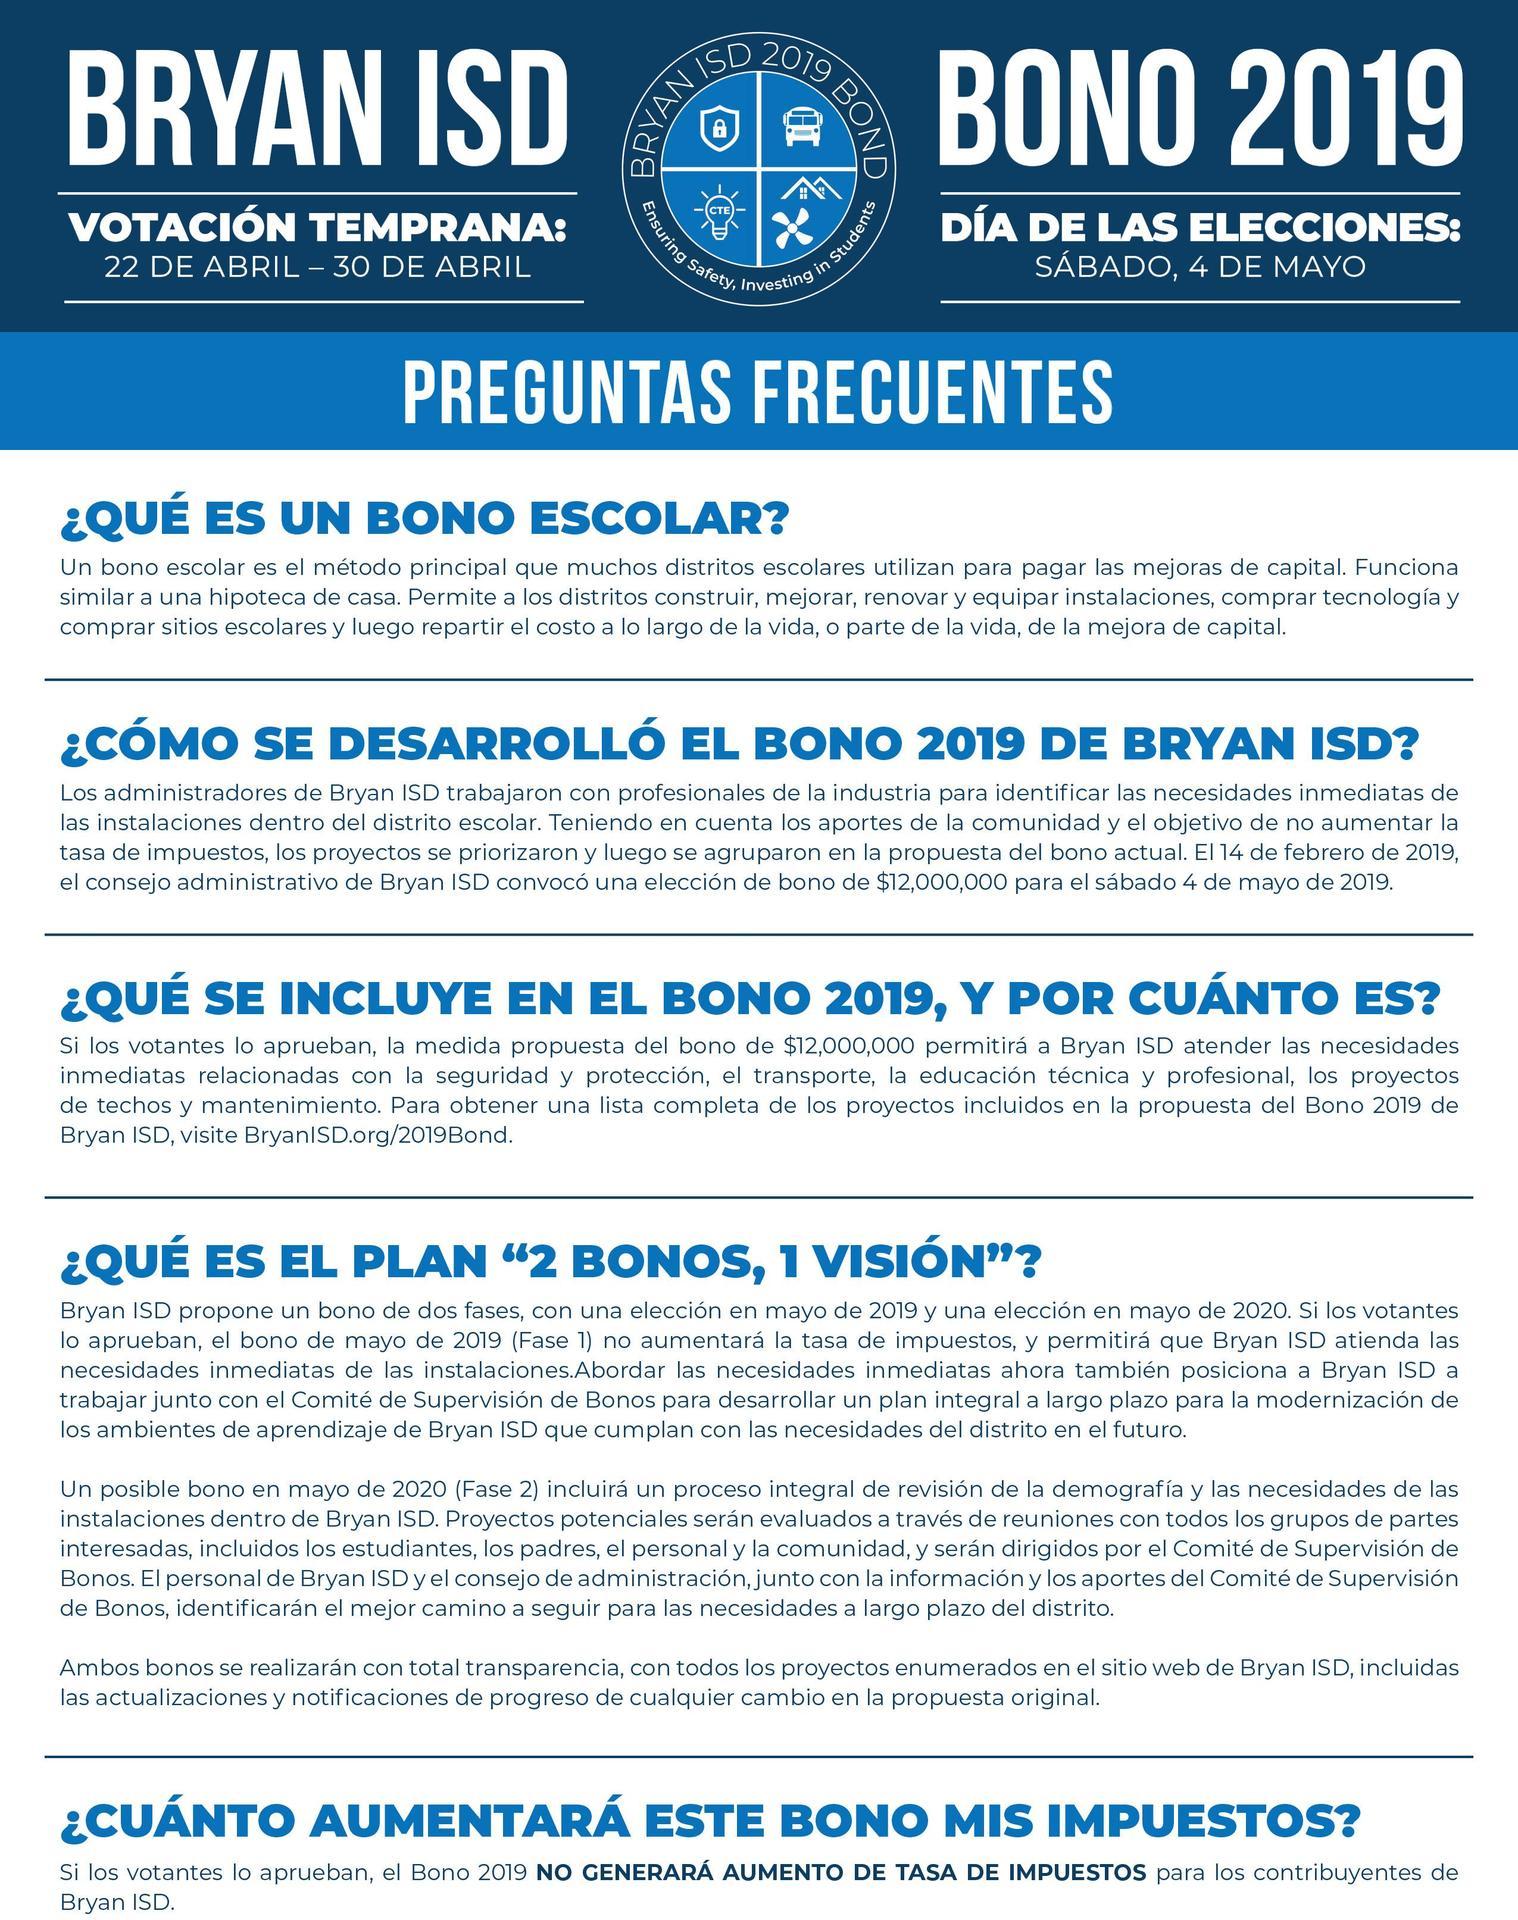 Bond FAQ in Spanish